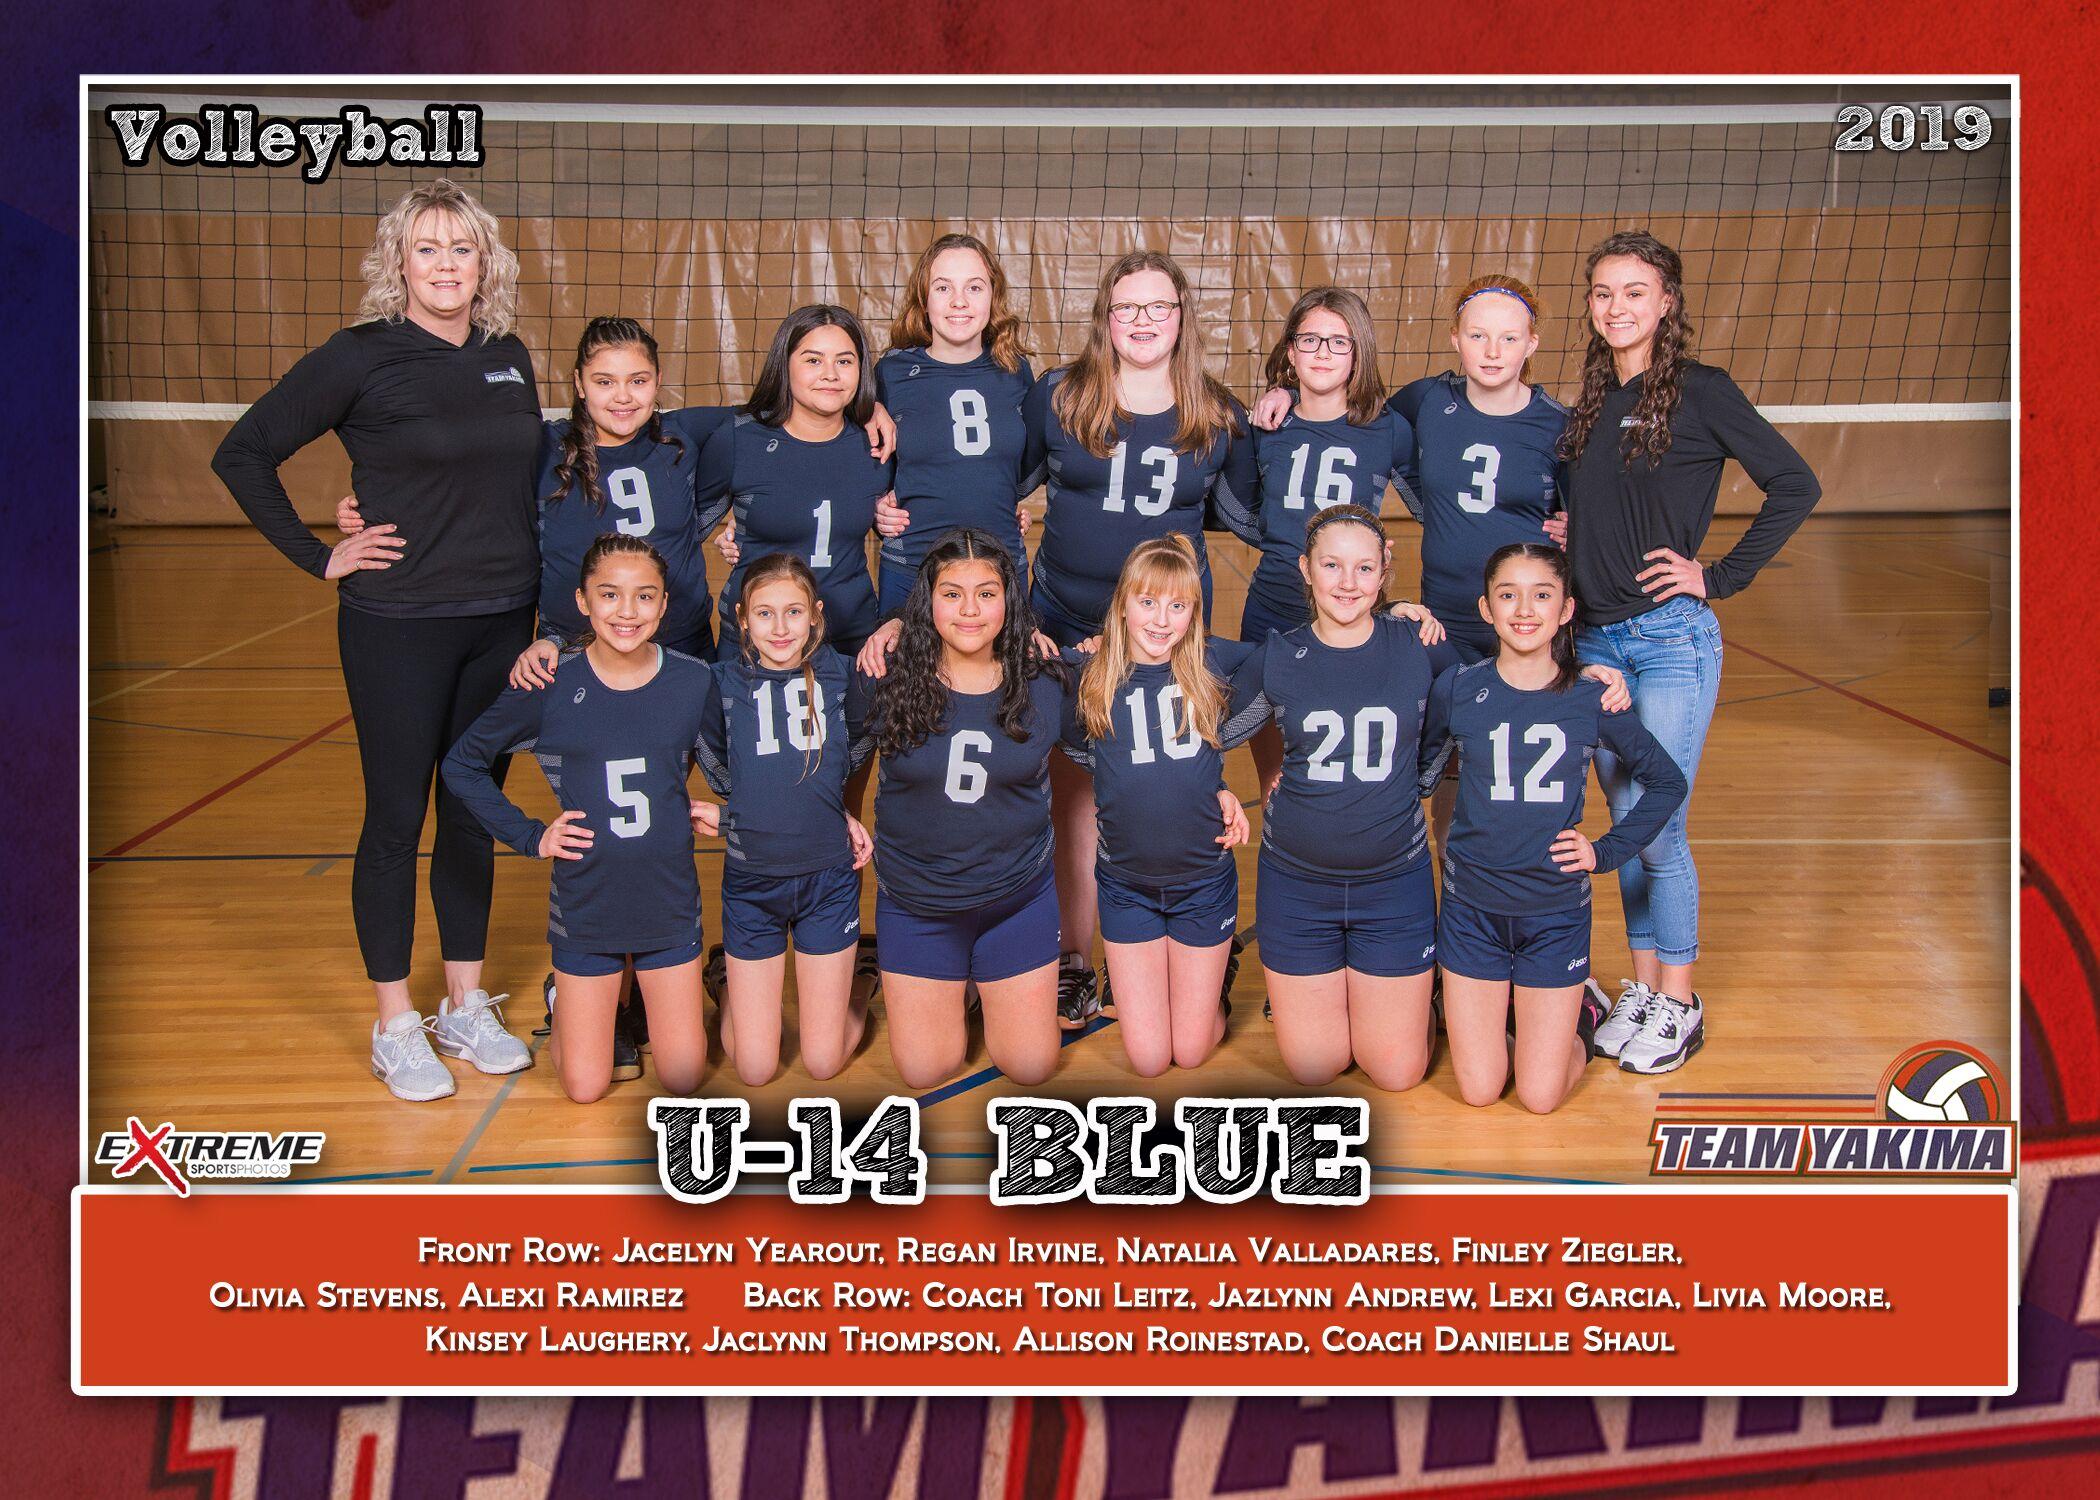 Team Yakima 14 Blue